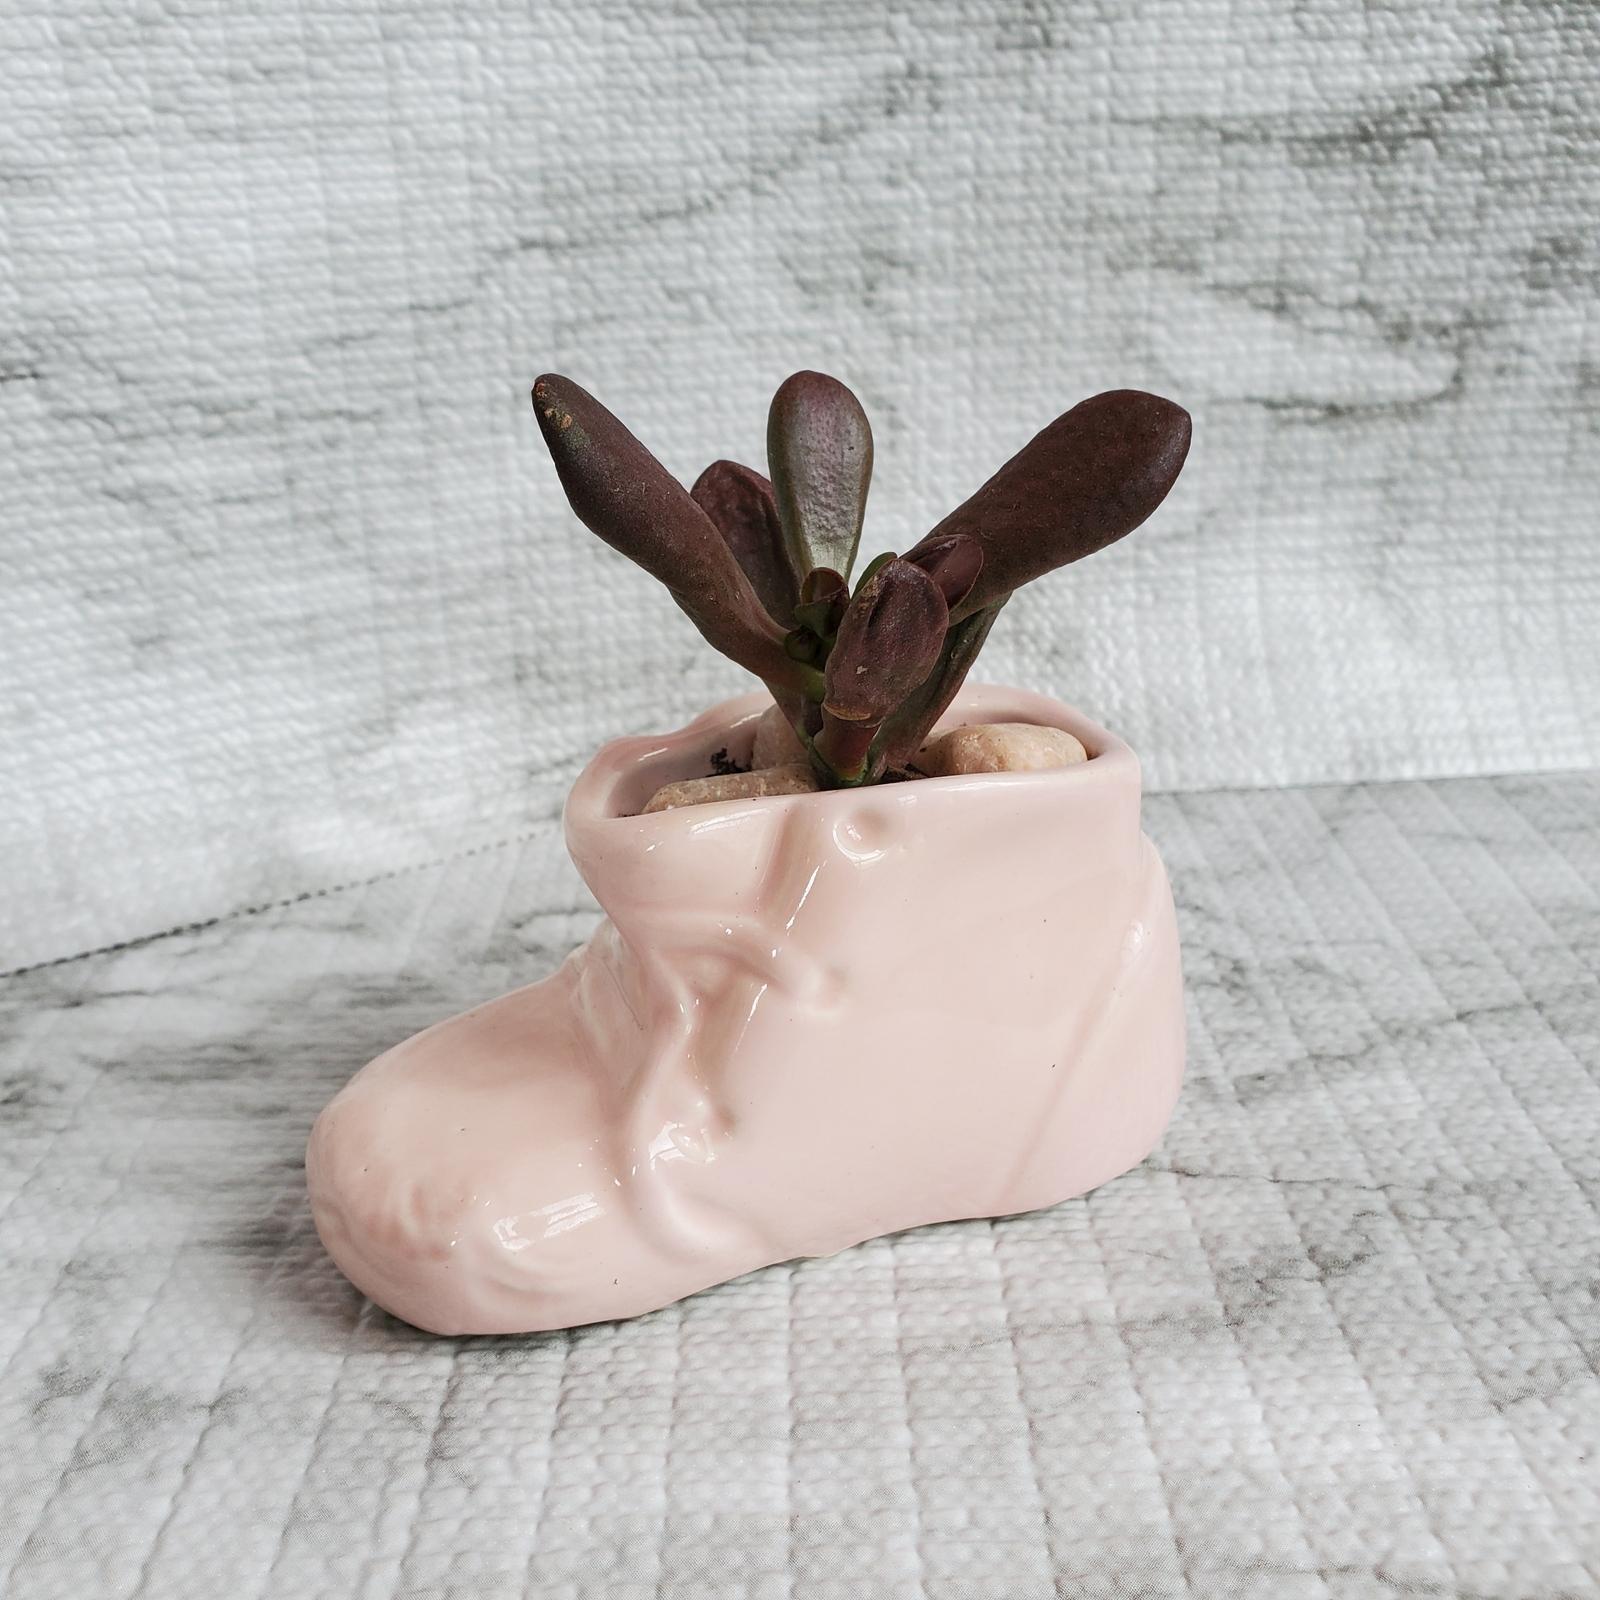 Pinkbootplanter ogreearjade 1